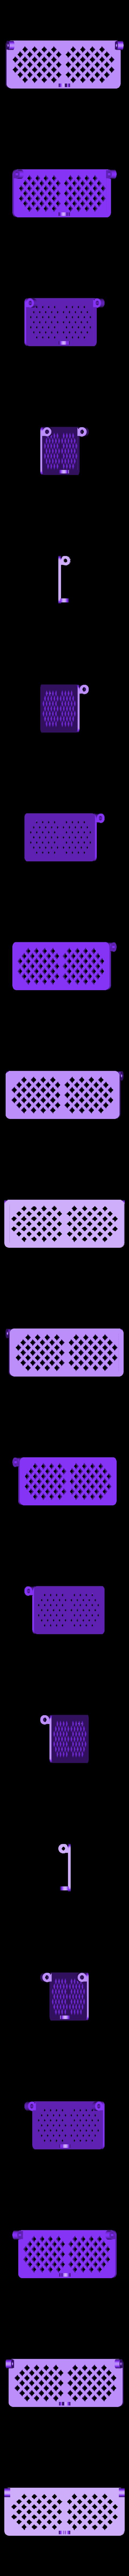 cover.STL Télécharger fichier STL gratuit Boîte avec charnières cachées et verrouillage à clic • Objet à imprimer en 3D, 3d-dragar